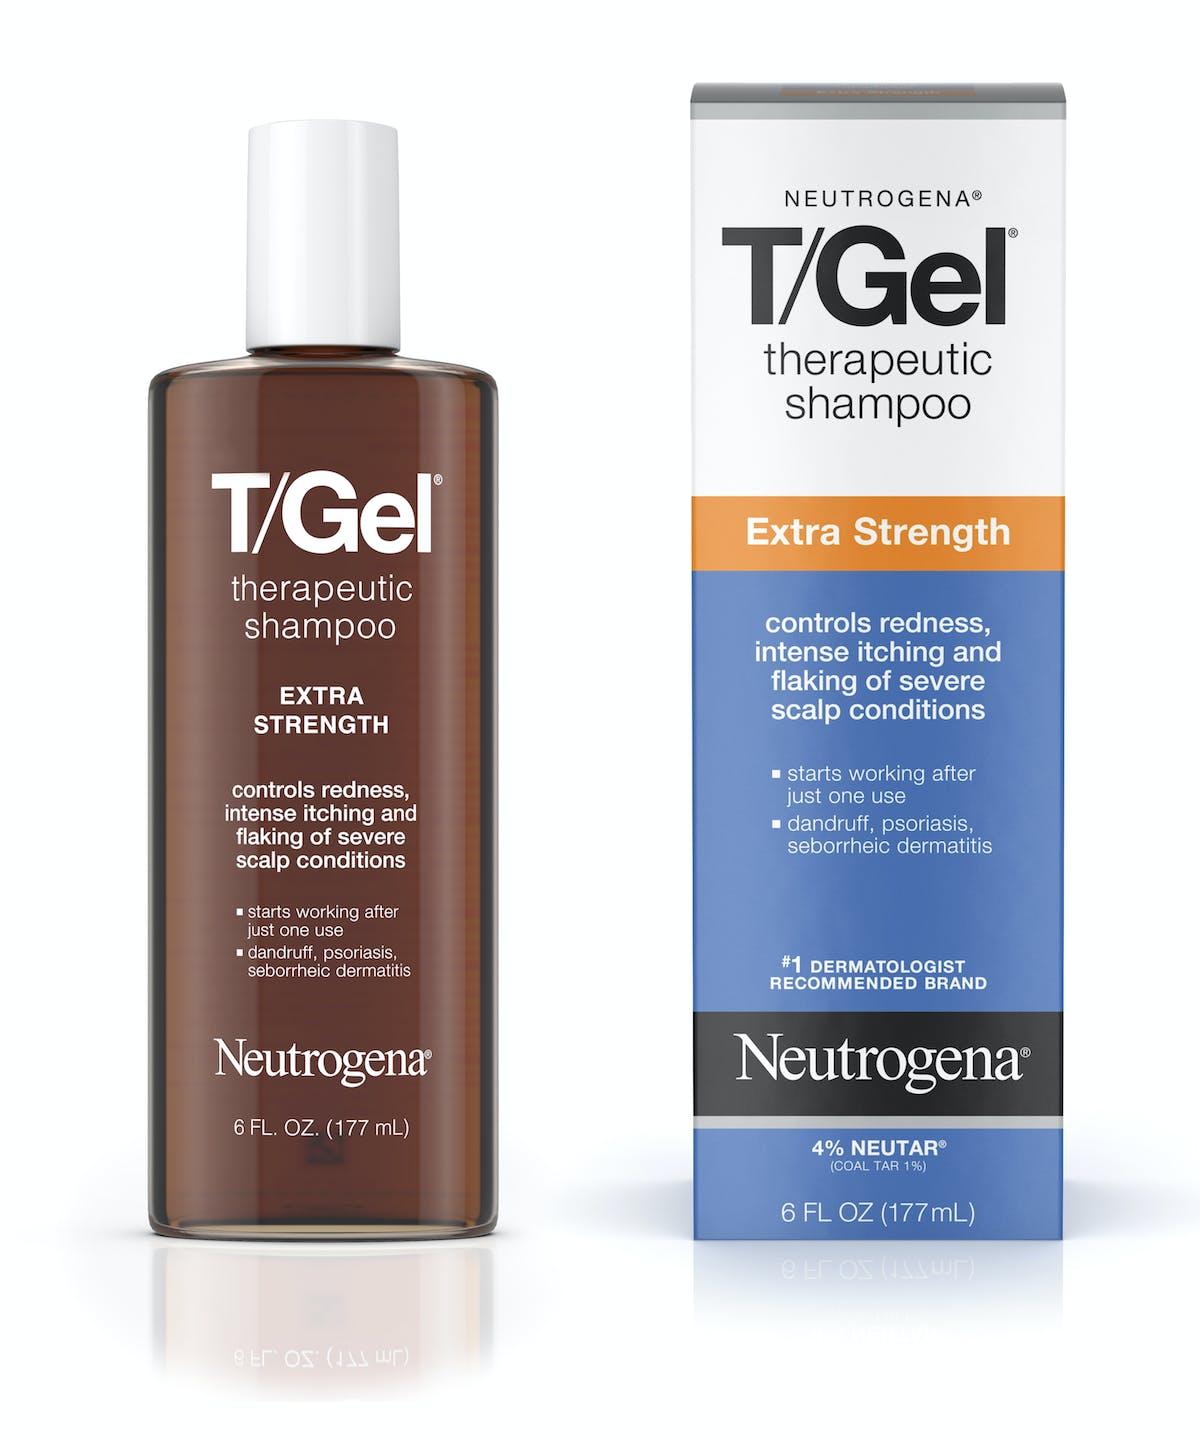 A NIZORAL vagy a T-GEL samponok jók a pikkelysömör kezelésre? - Válaszkereső